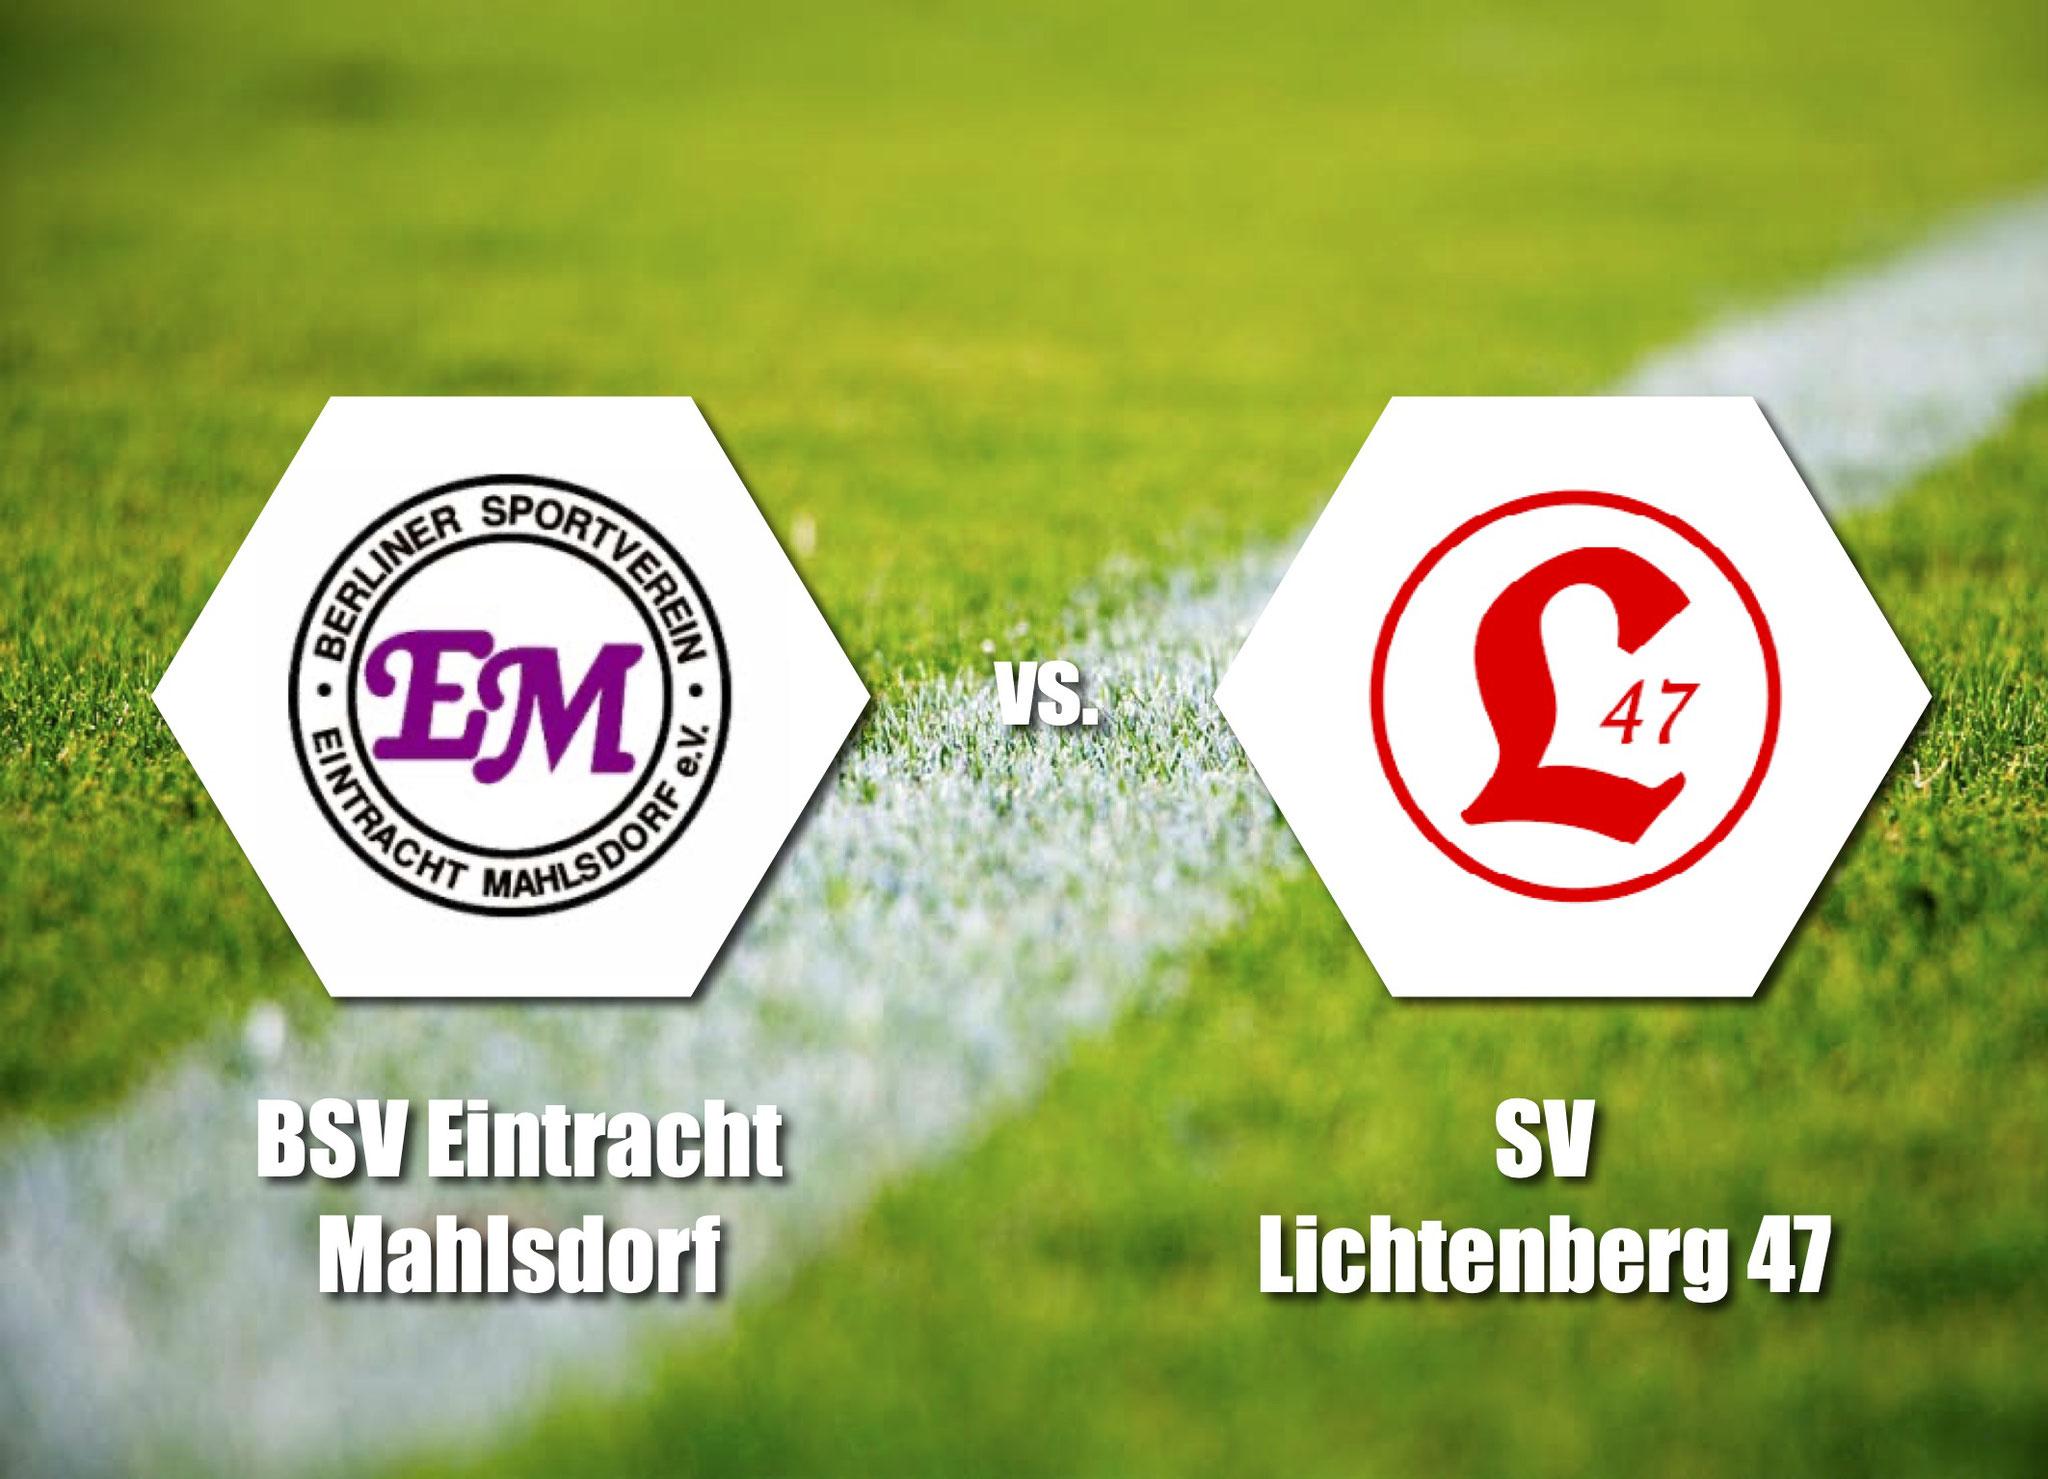 Sa, 17.07. | 13.00 Uhr: Testspiel: Oberliga-Neuling Eintracht Mahlsdorf empfängt Auf dem Rosenhag Regionalligist SV Lichtenberg 47